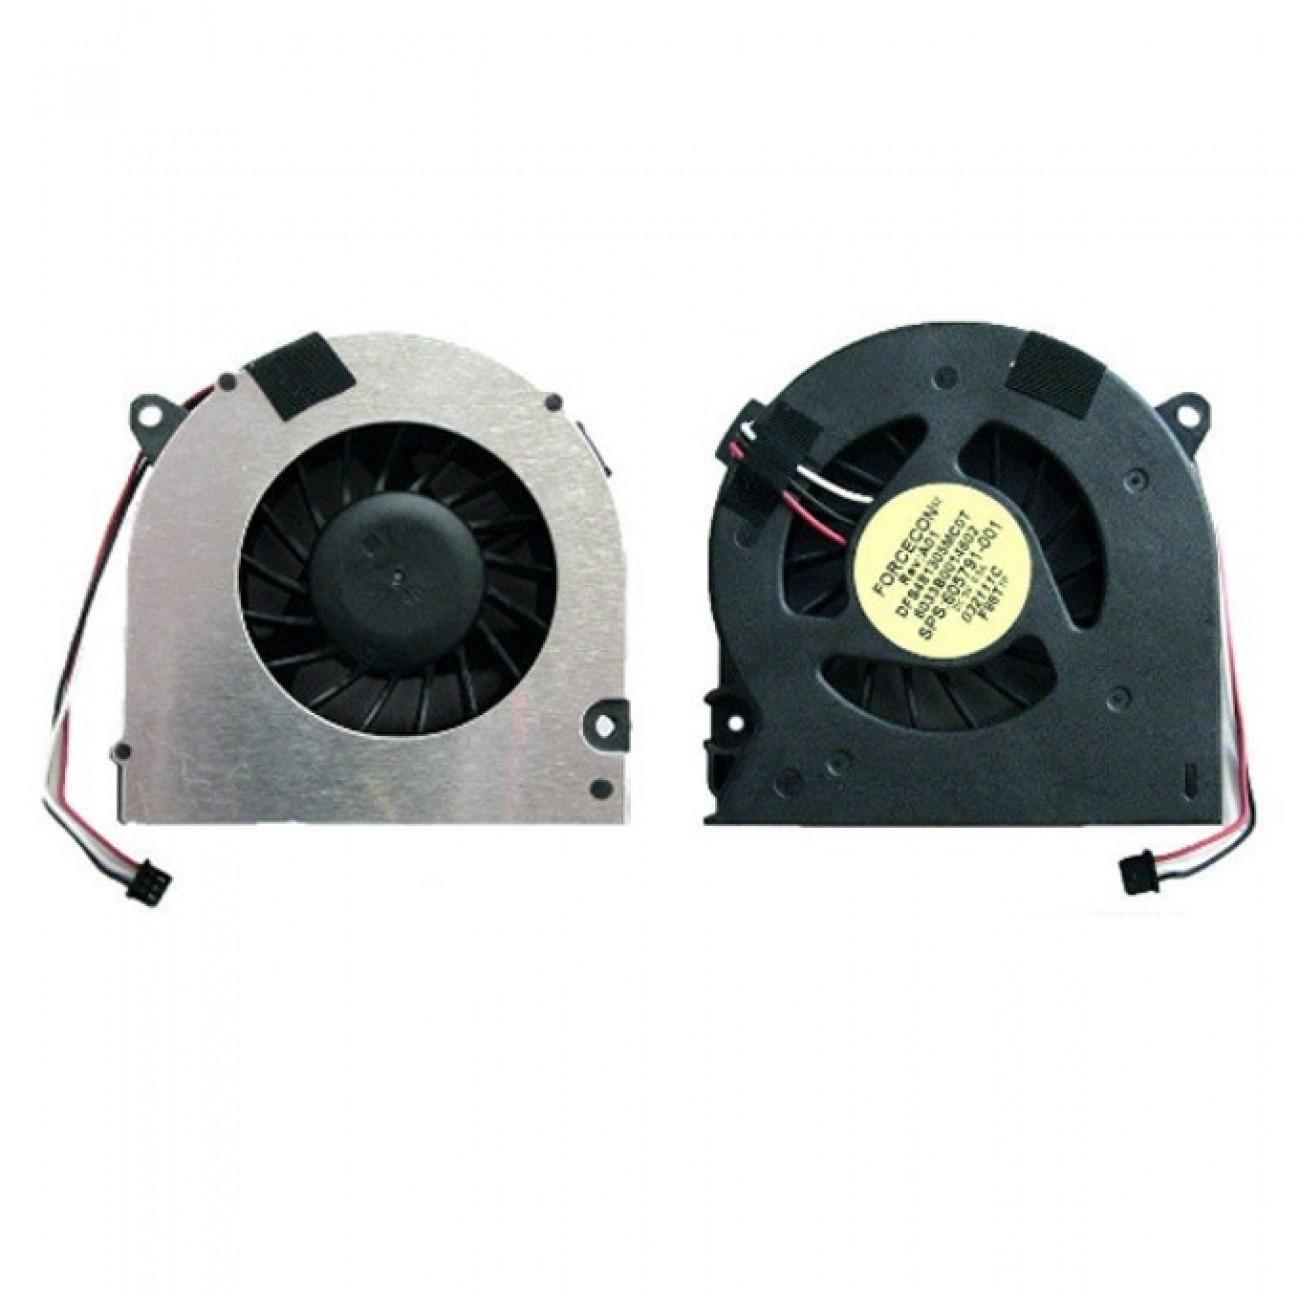 Вентилатор за лаптоп HP съвместим с Compaq 510, 515, 610 в Резервни части -    Alleop